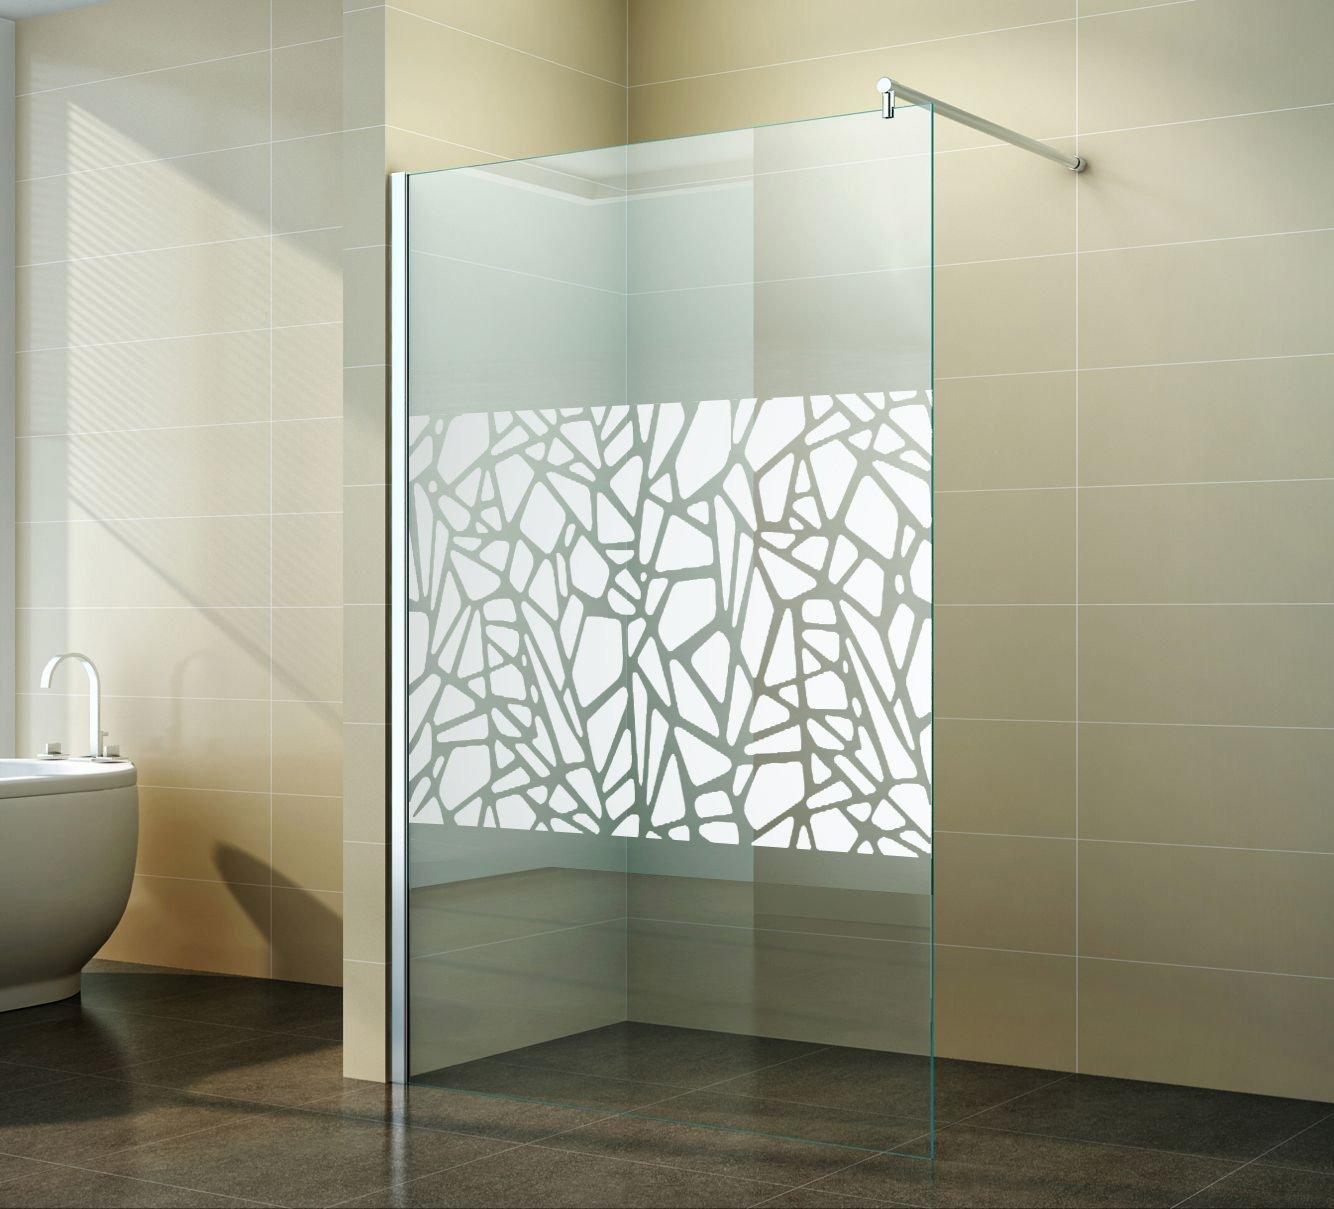 walk in duschabtrennung scherben design spiegel duschwand dusche glas freistehend seitenwand nano beschichtung apperl effekt duschtrennwand - Glaswand Dusche Walk In